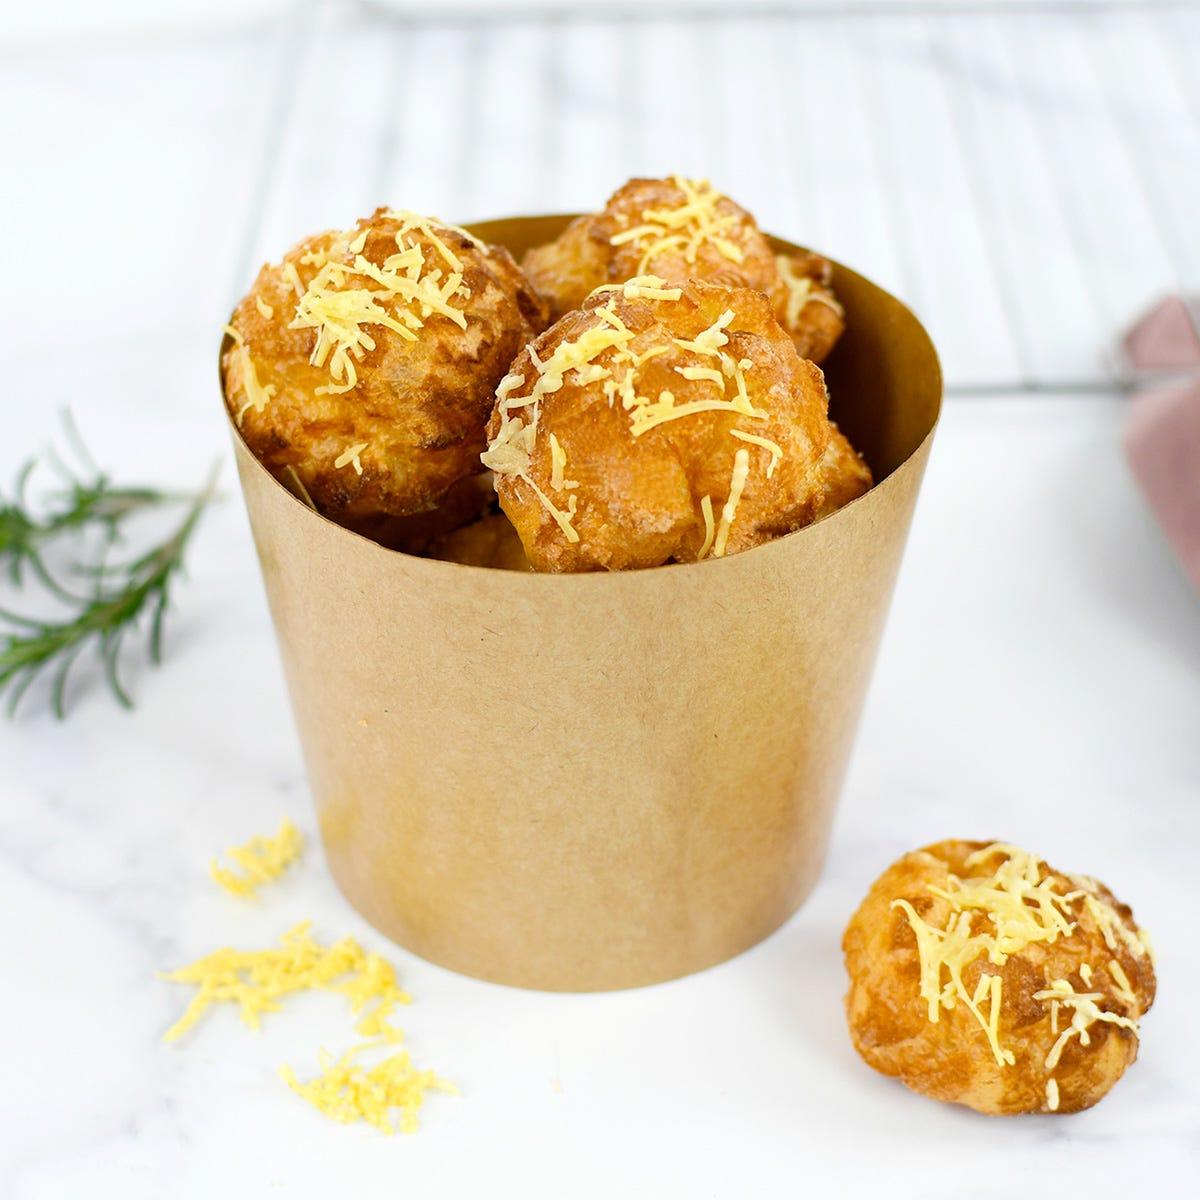 Ein Käsewindbeutelrezept für die ganze Familie zur Verkostung oder zum Aperitif oder als Nachtisch.